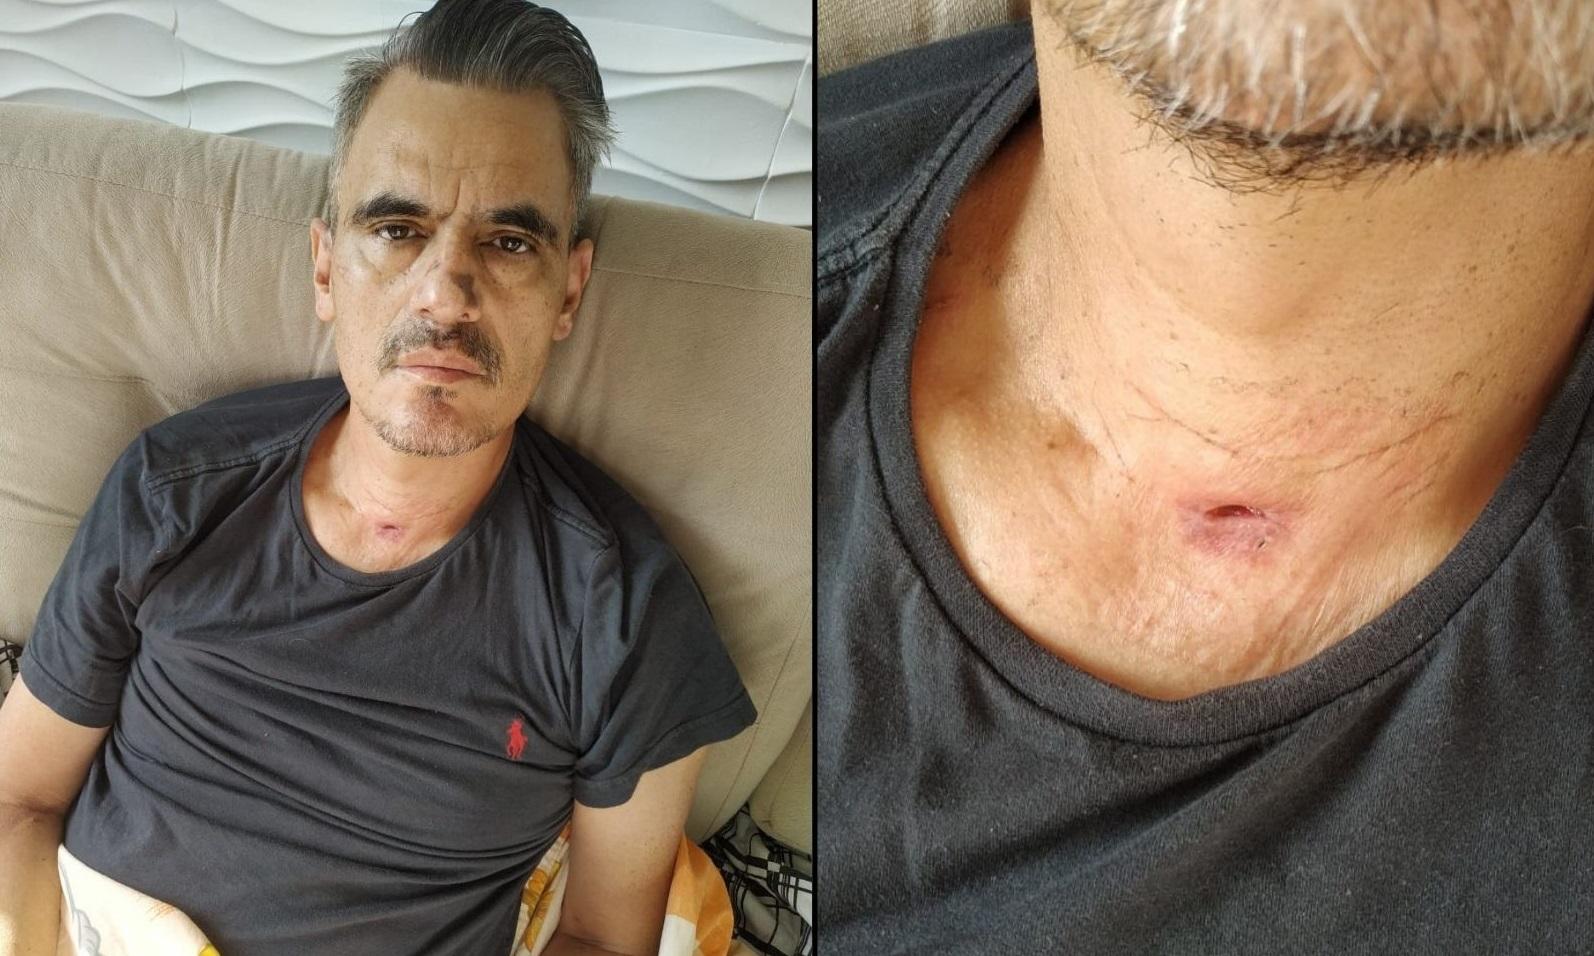 Giovani decidiu ficar com a marca da traqueostomia no pescoço para lembrar que precisa ser uma pessoa melhor a cada dia. Fotos: Arquivo pessoal